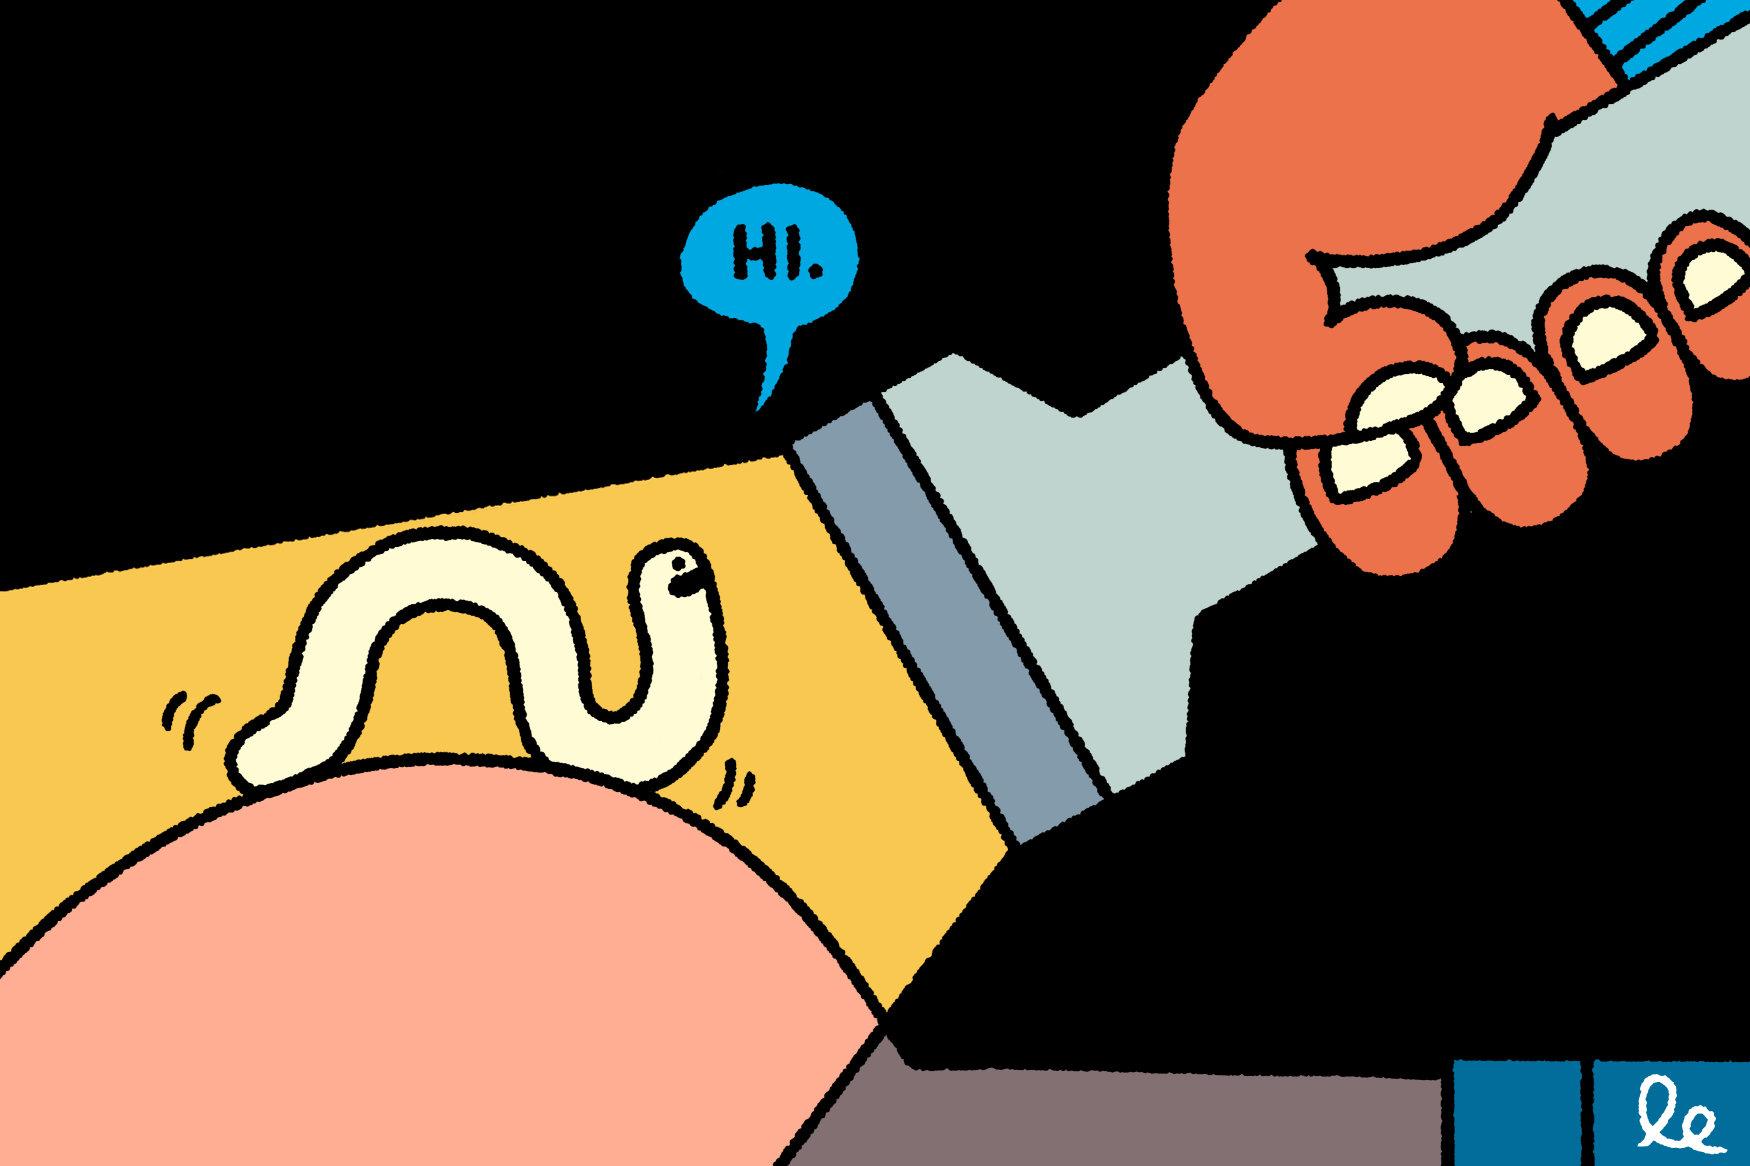 Meddig kell kezelni a pinworms et - Meddig tart a pinworms